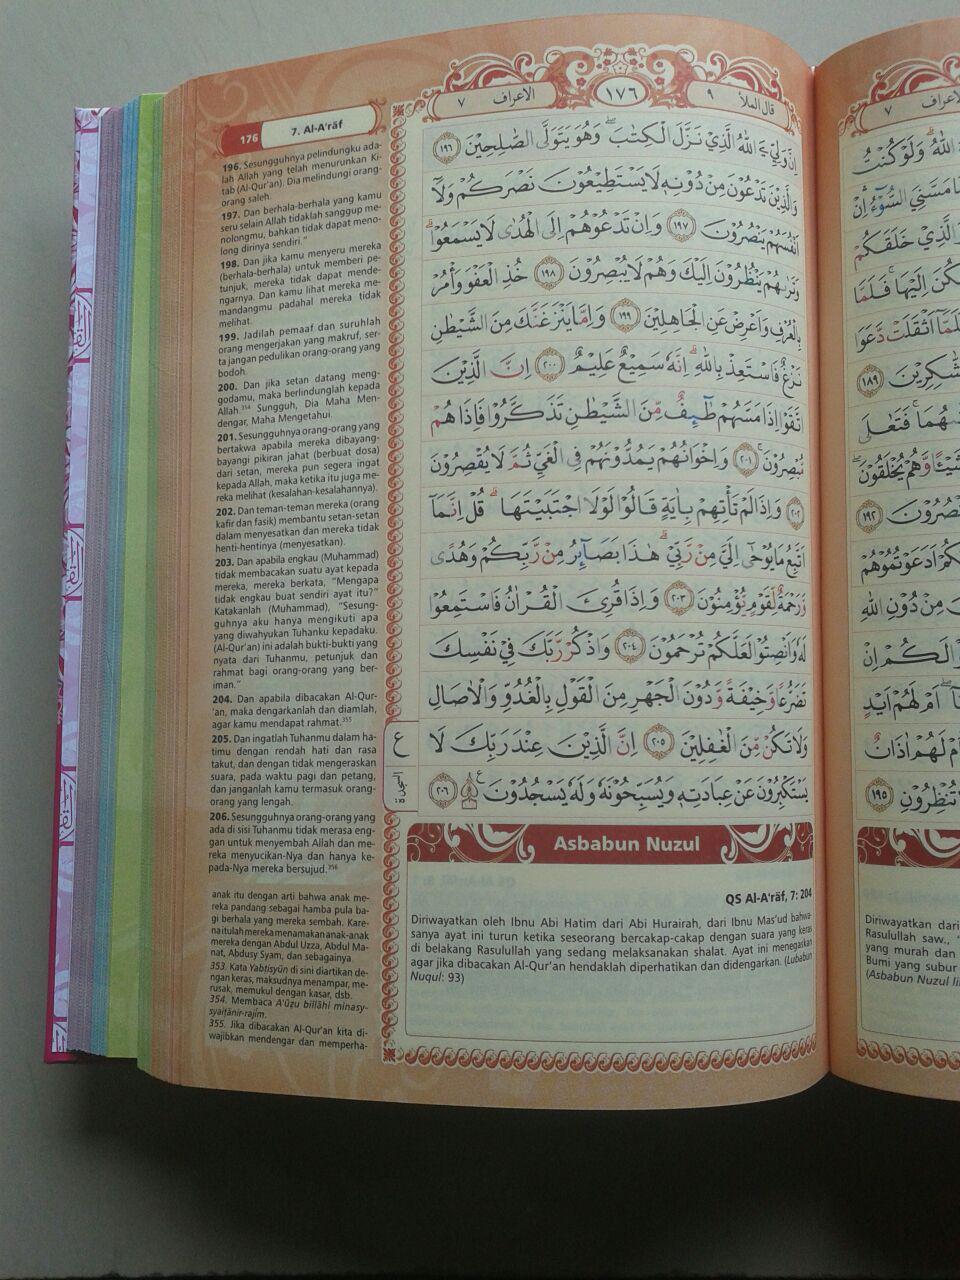 Al-Qur'an Mushaf Tajwid Azalia Dilengkapi Asbabun Nuzul Fadhilah Ayat isi